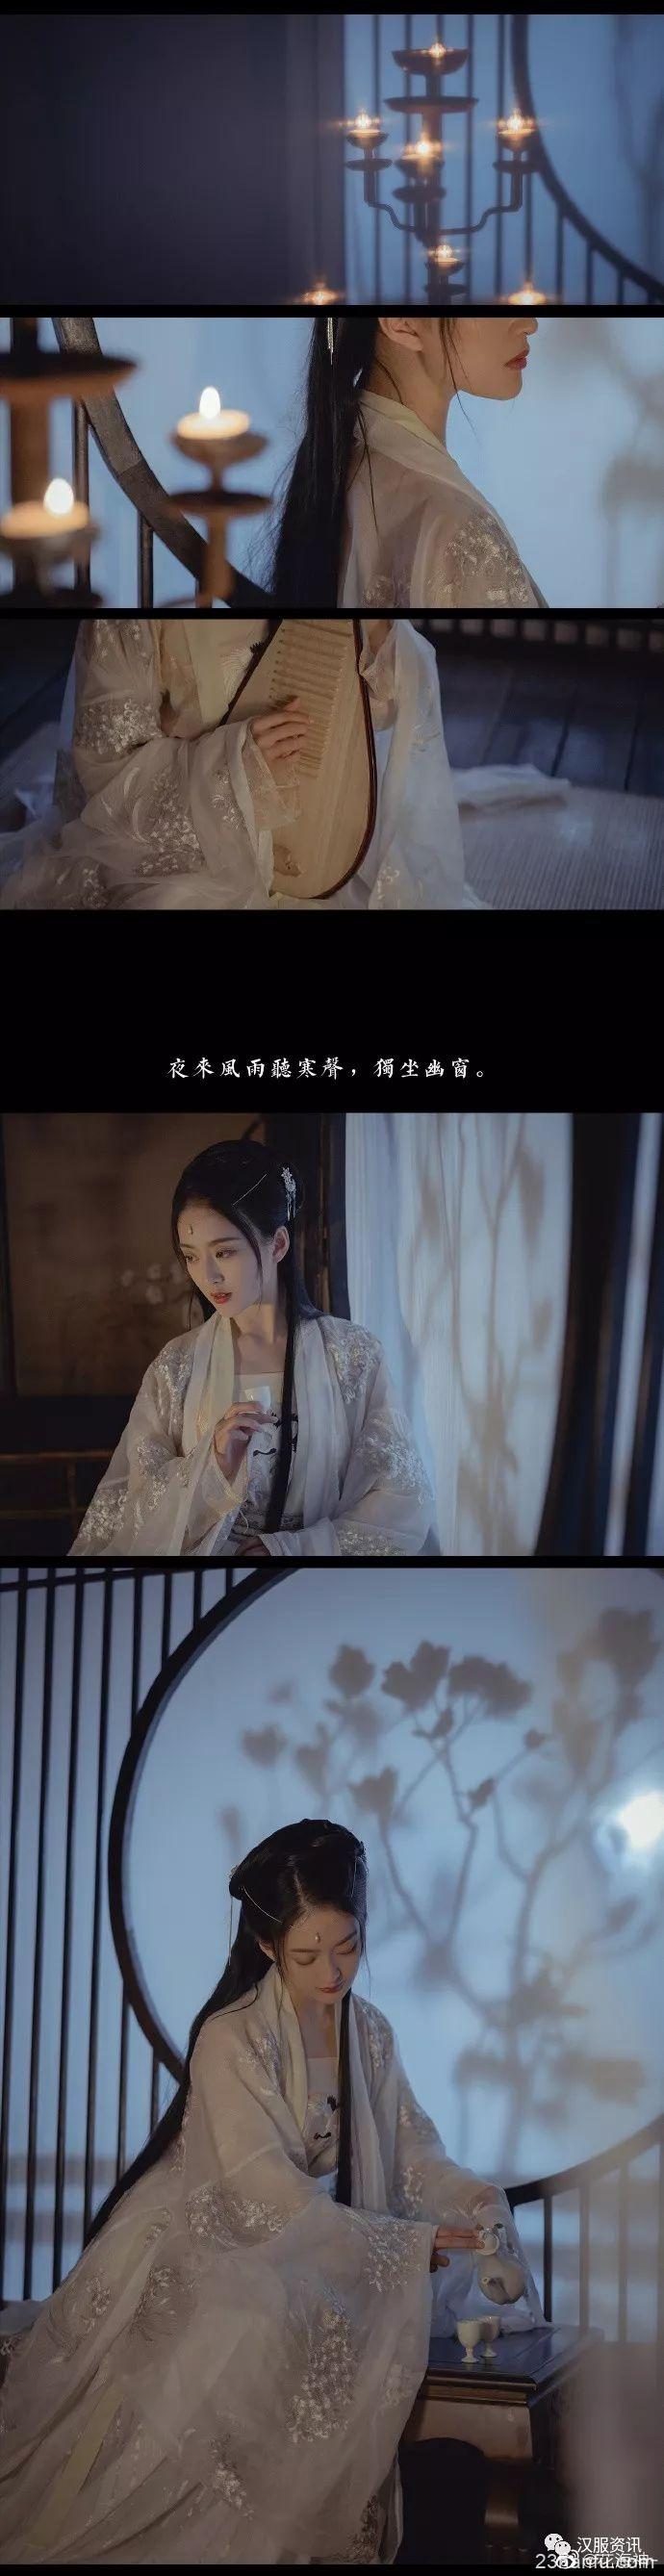 【汉服私影】夜来风雨听寒声,独坐幽窗